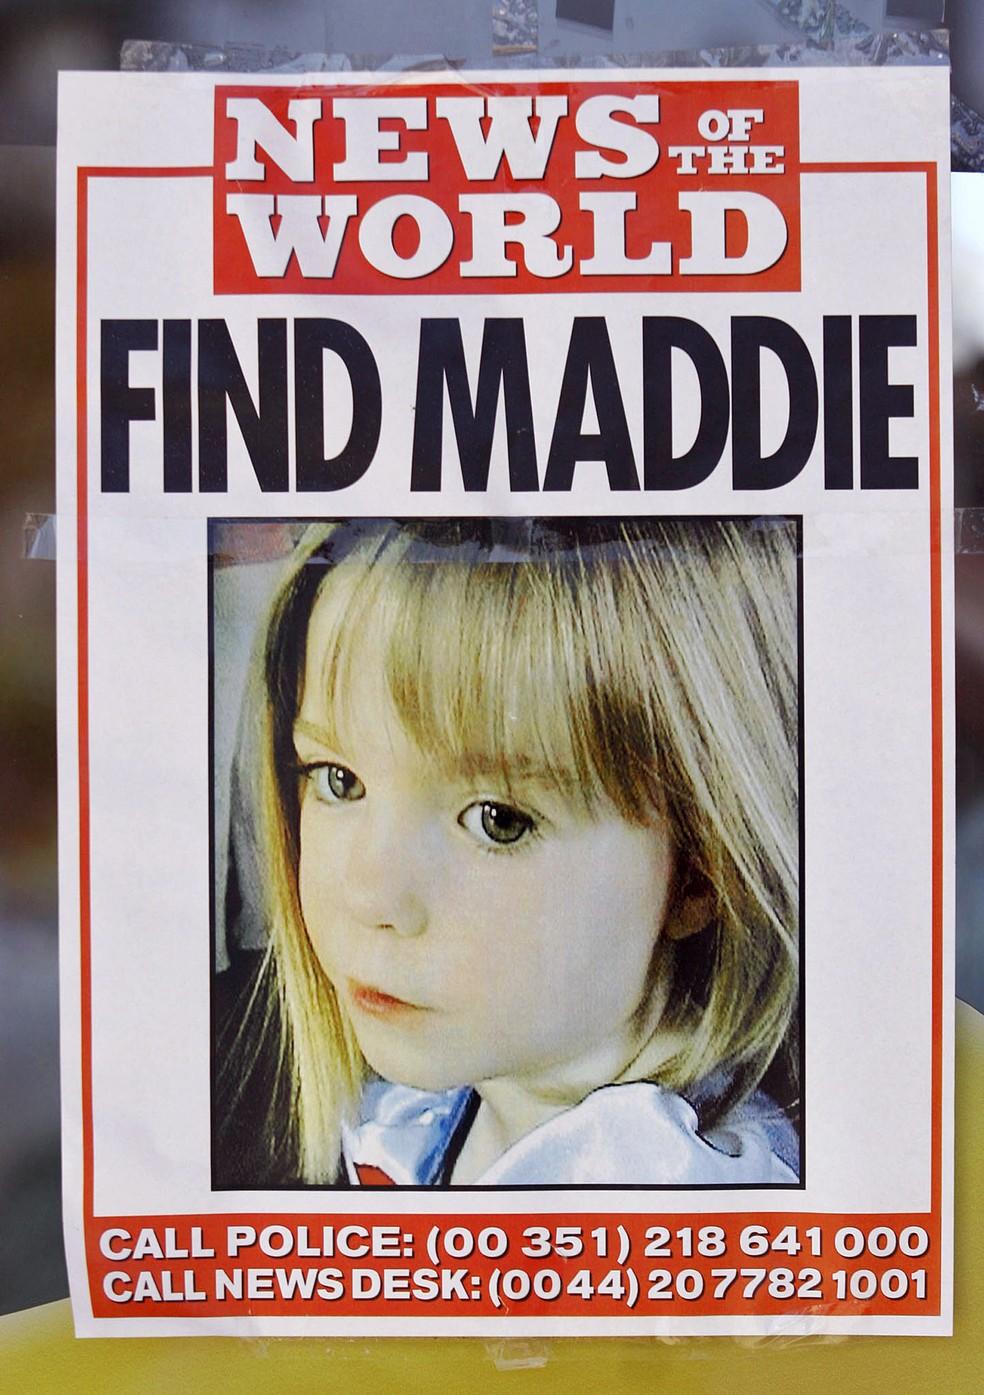 Imagem de arquivo mostra cartaz divulgado nas buscas pela menina Madeleine McCann em Praia da Luz, Portugal — Foto: MELANIE MAPS / AFP